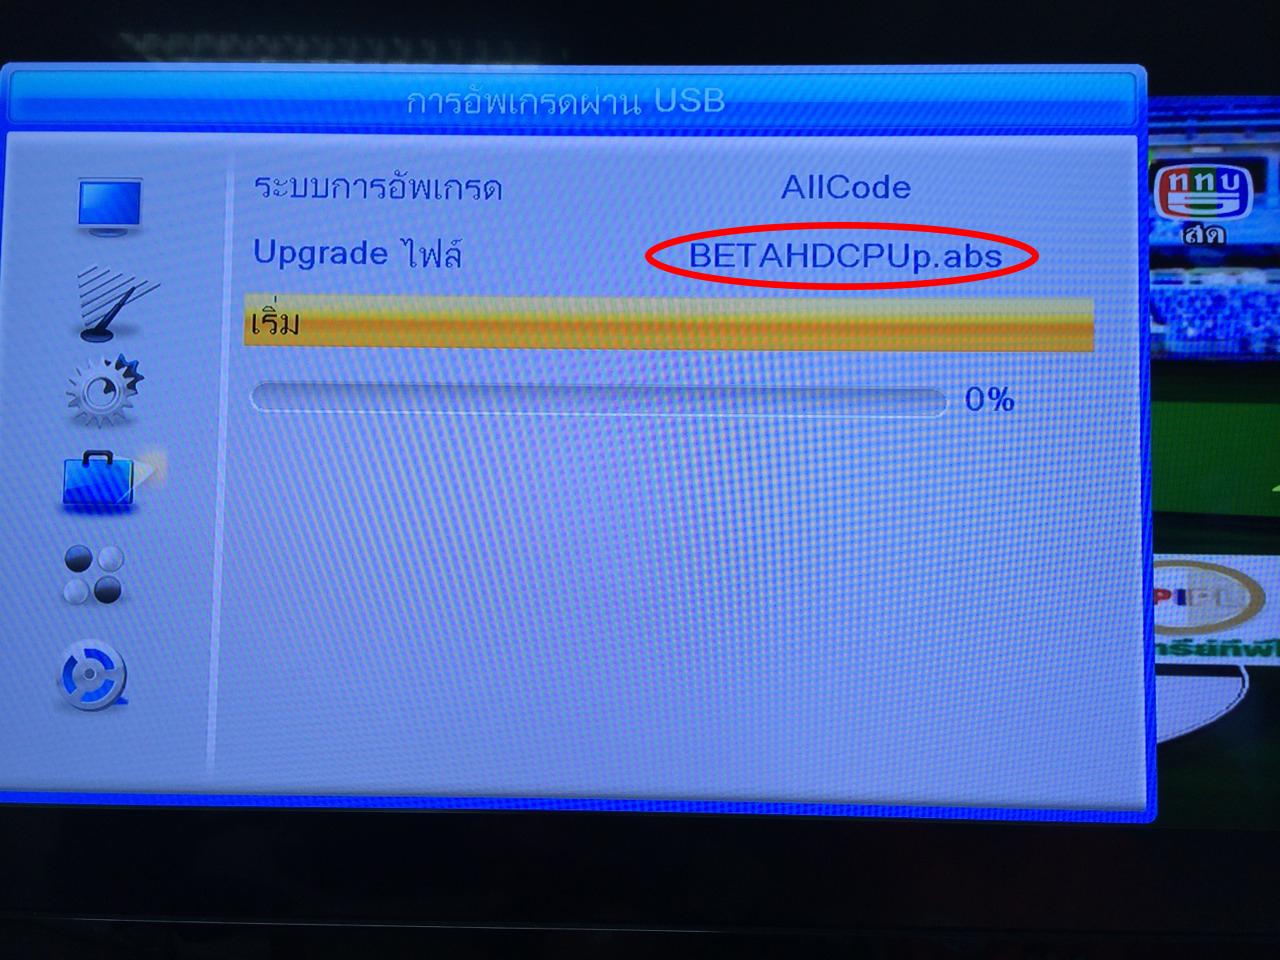 ตรวจเช็คเฟิร์มแวร์ ว่าตรงกับรุ่นของเครื่อง BETA HD-T2 Pro Upgrade ไฟล์ต้องเป็น BETAHDCPUp.abs เท่านั้น